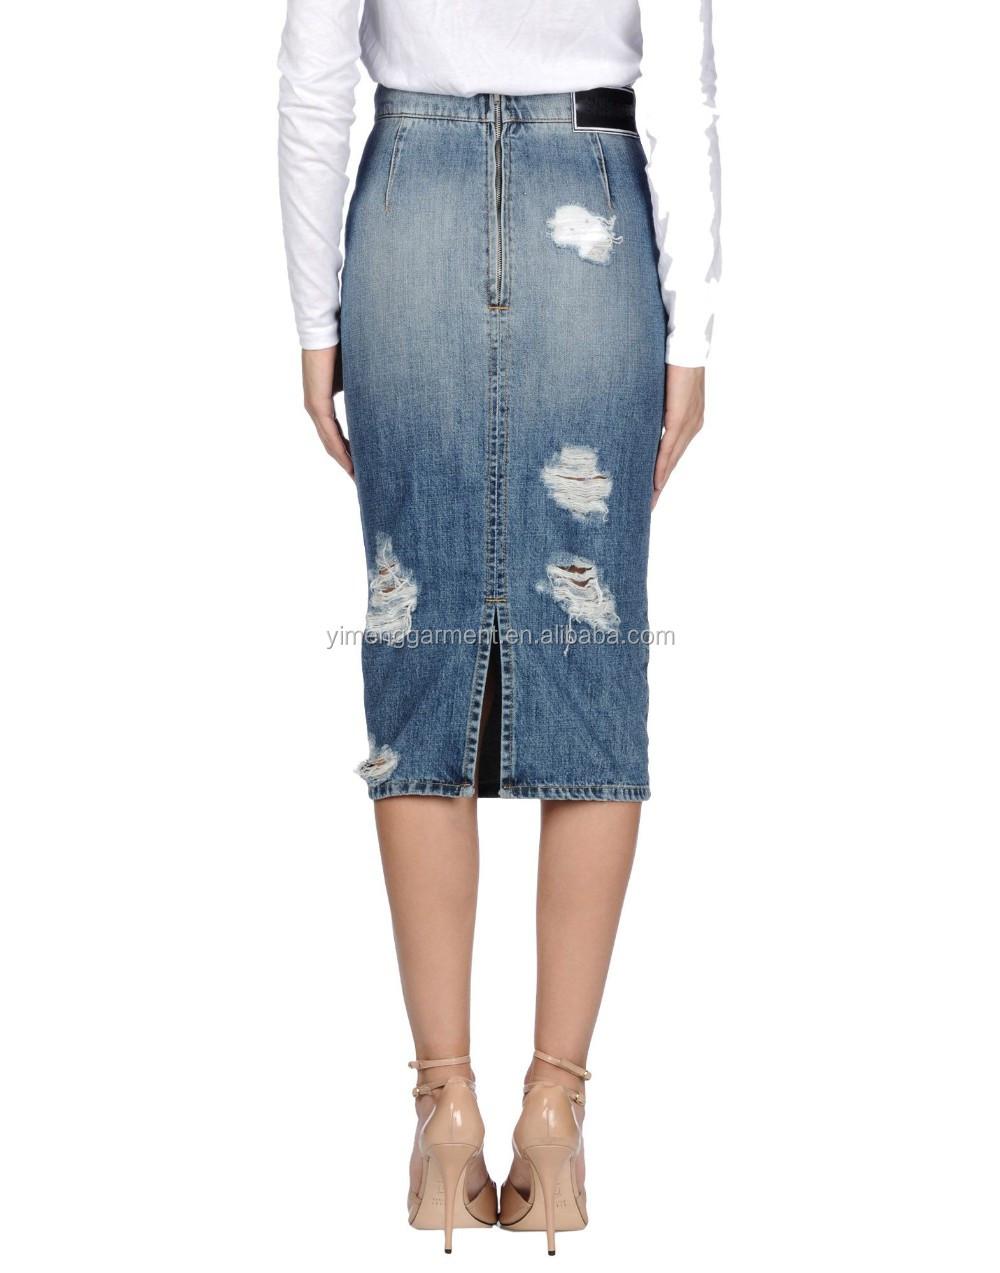 wholesale custom blue skirt for new